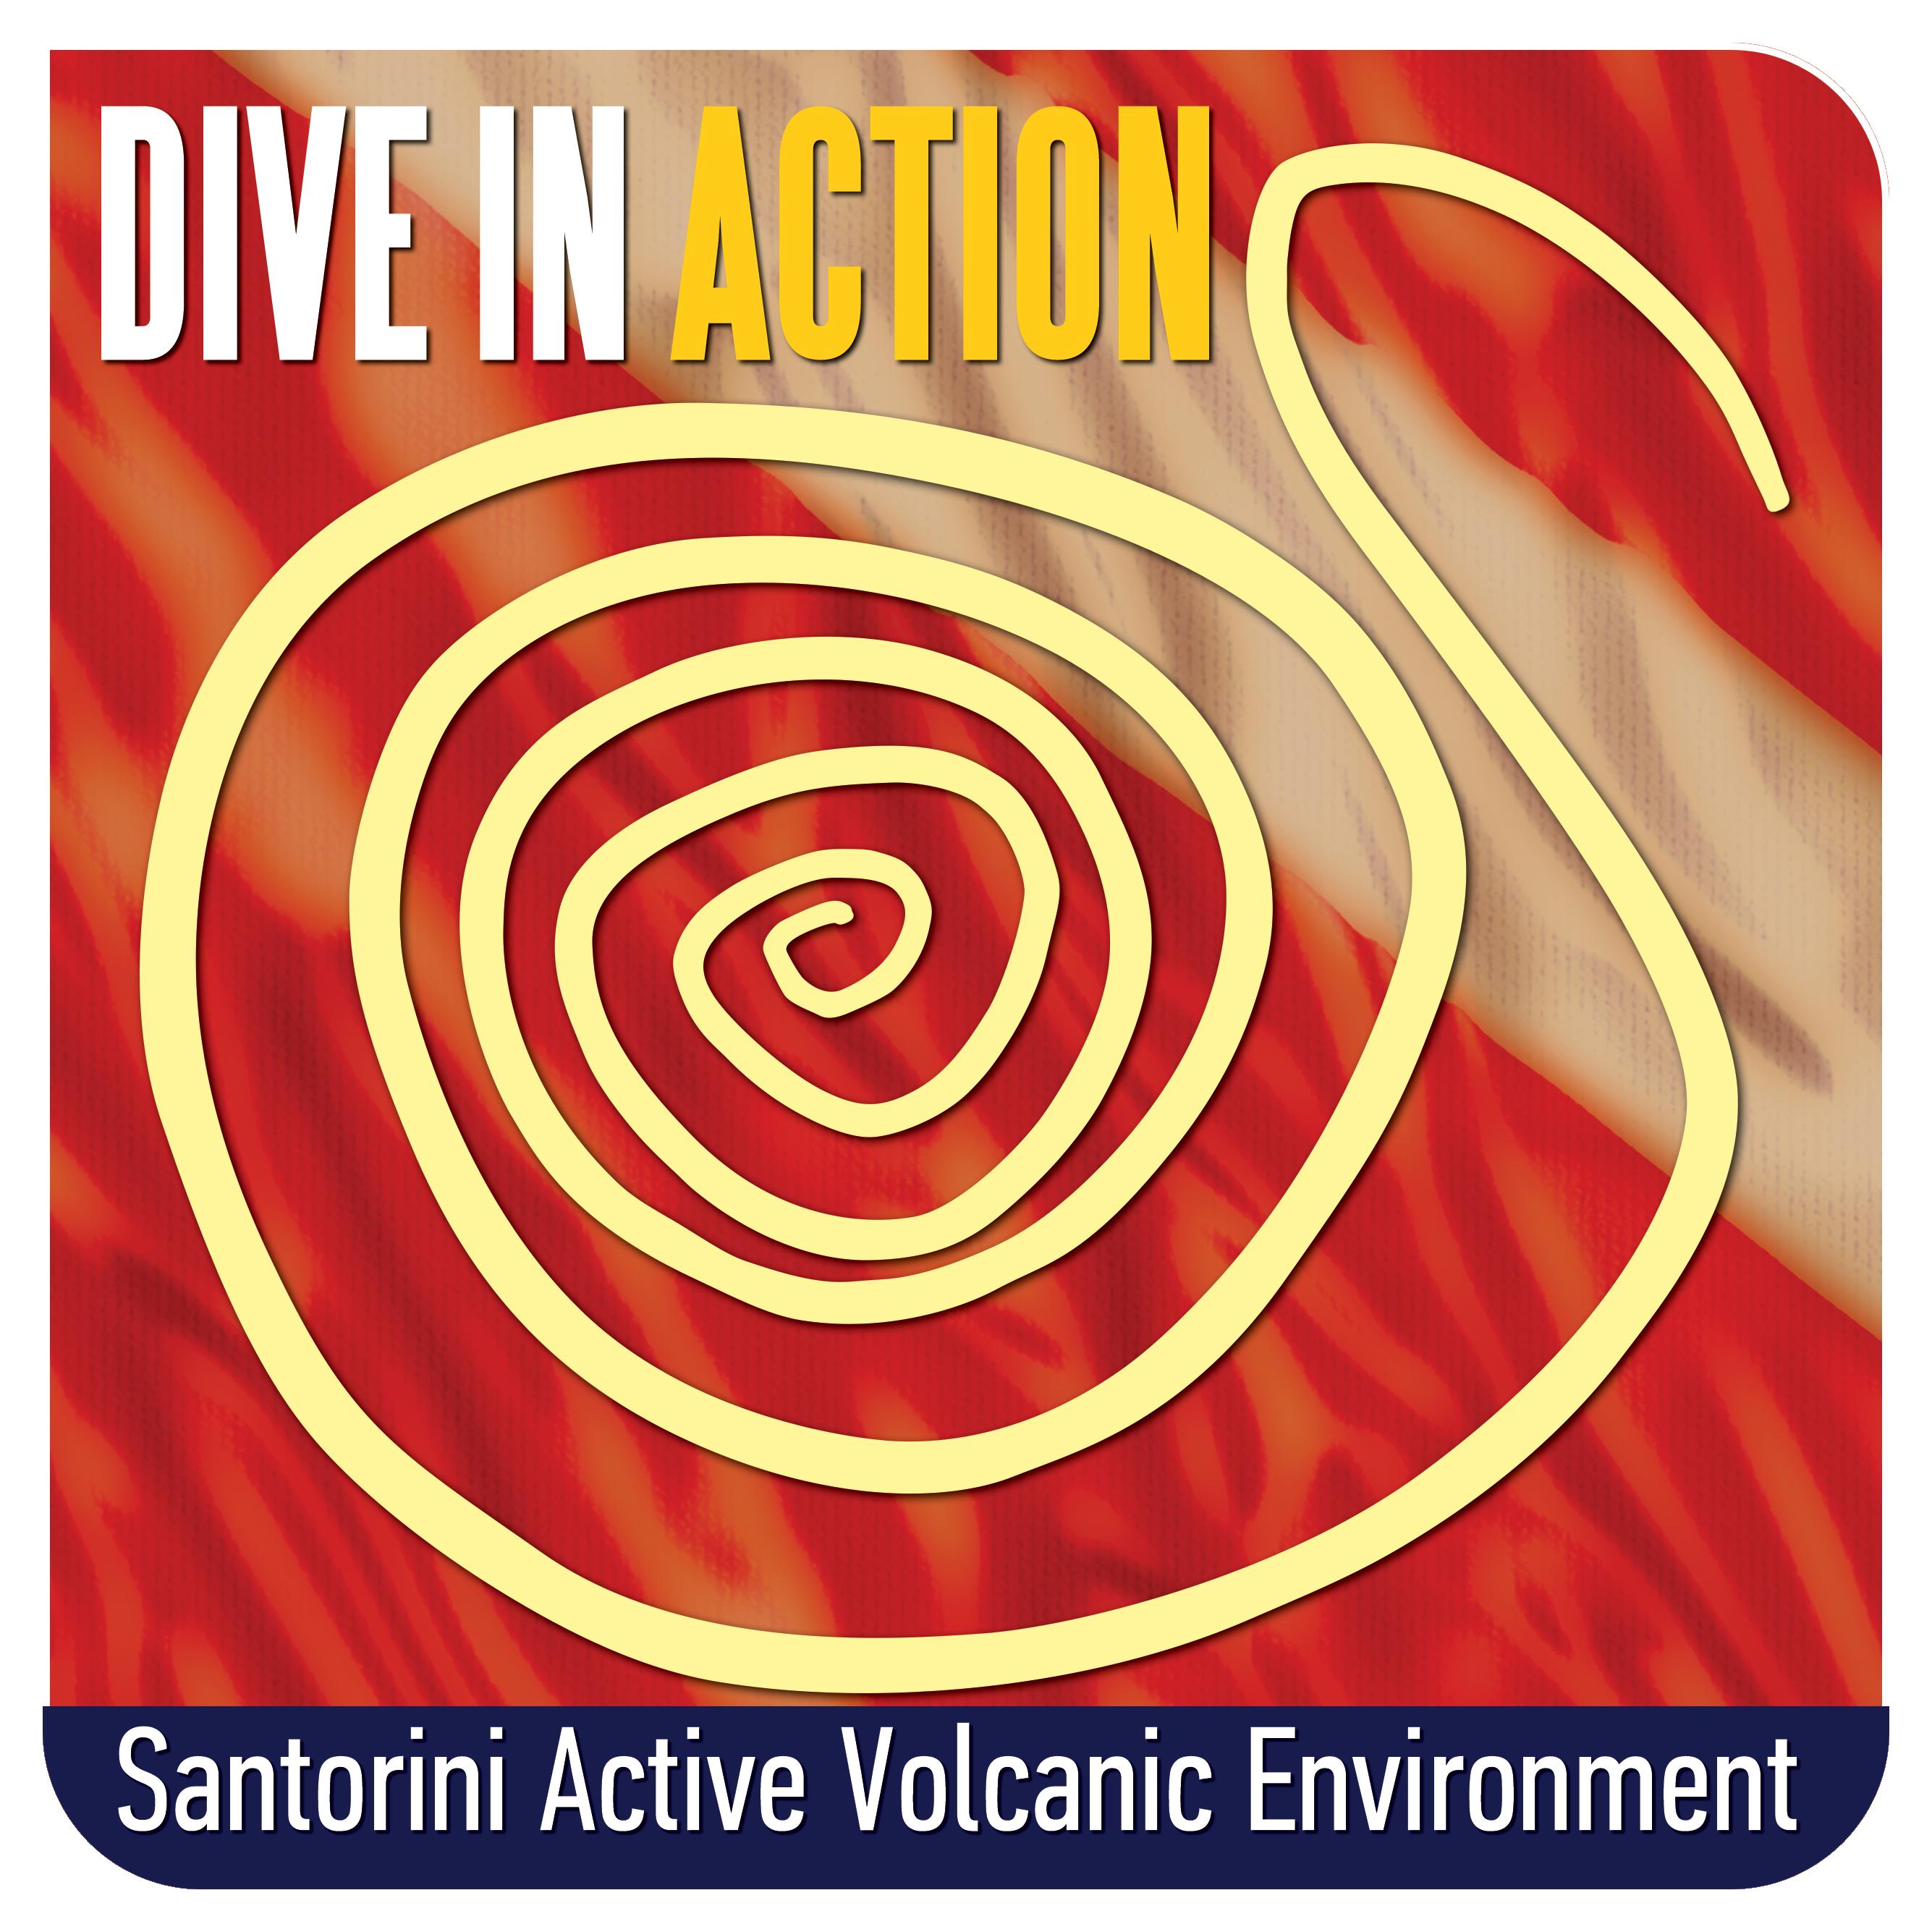 Προστασία Υποθαλάσσιων Σχηματισμών Ηφαιστείου Σαντορίνης (Dive In Action)